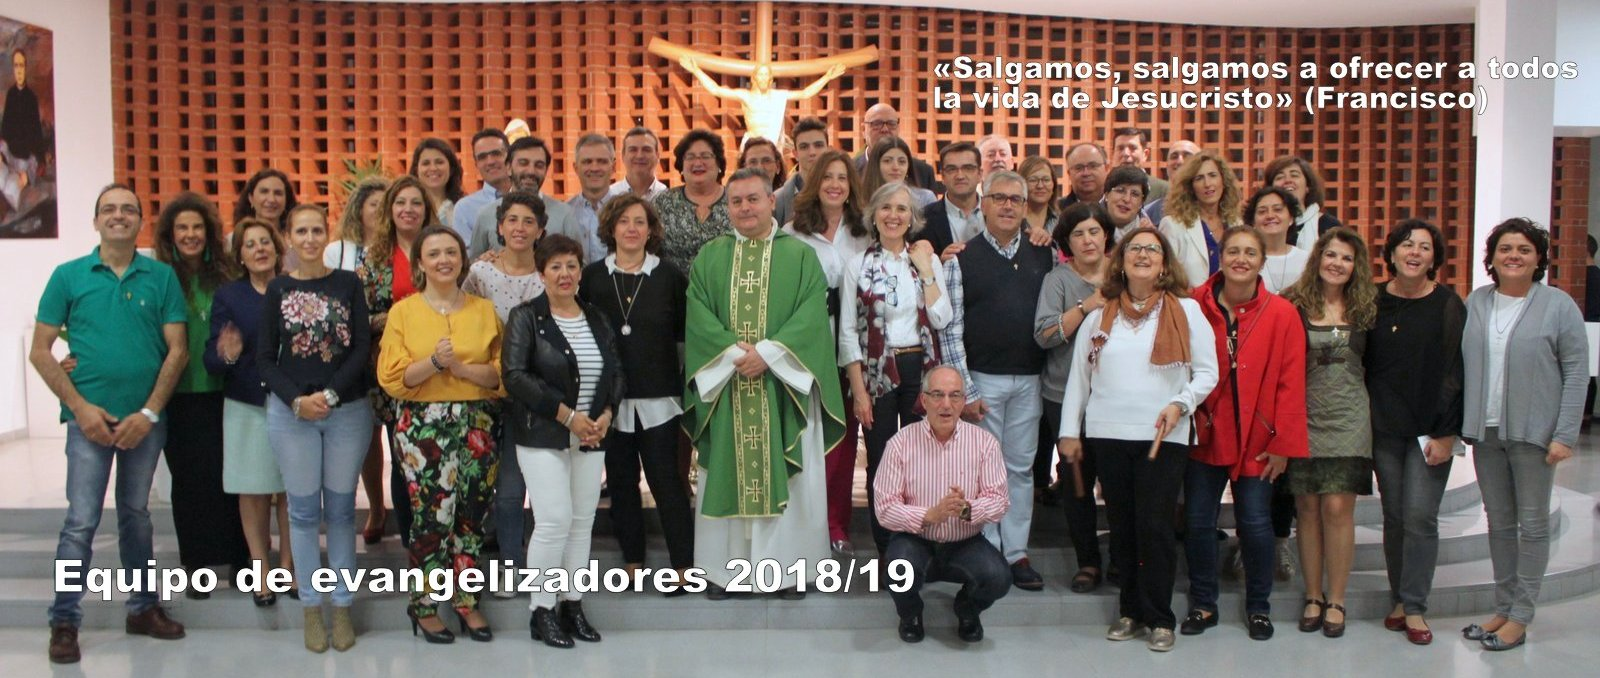 Envío de evangelizadores 2018